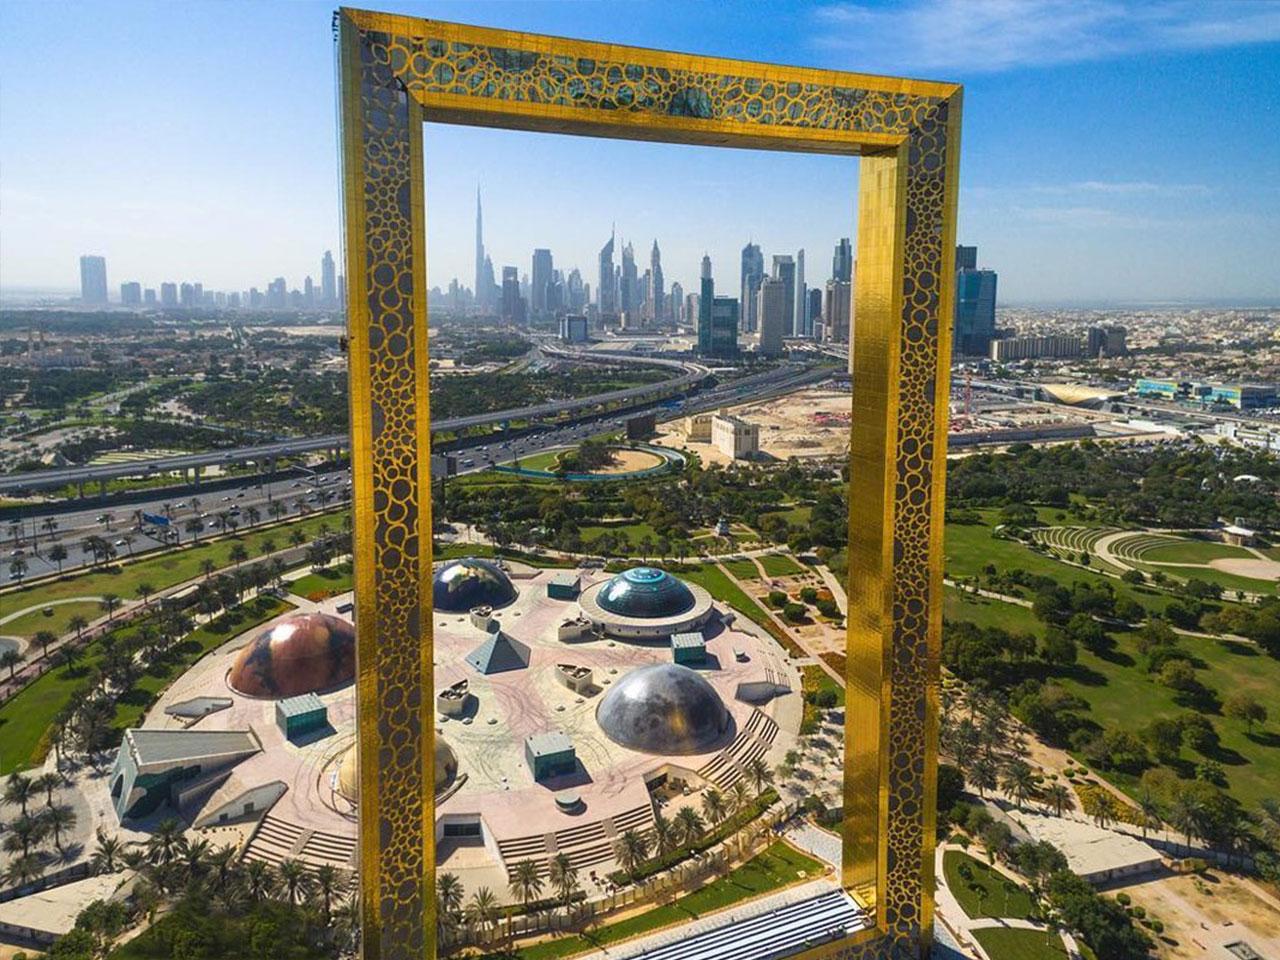 Dubai Frame Gallery 1 - Adventure Trip Tourism